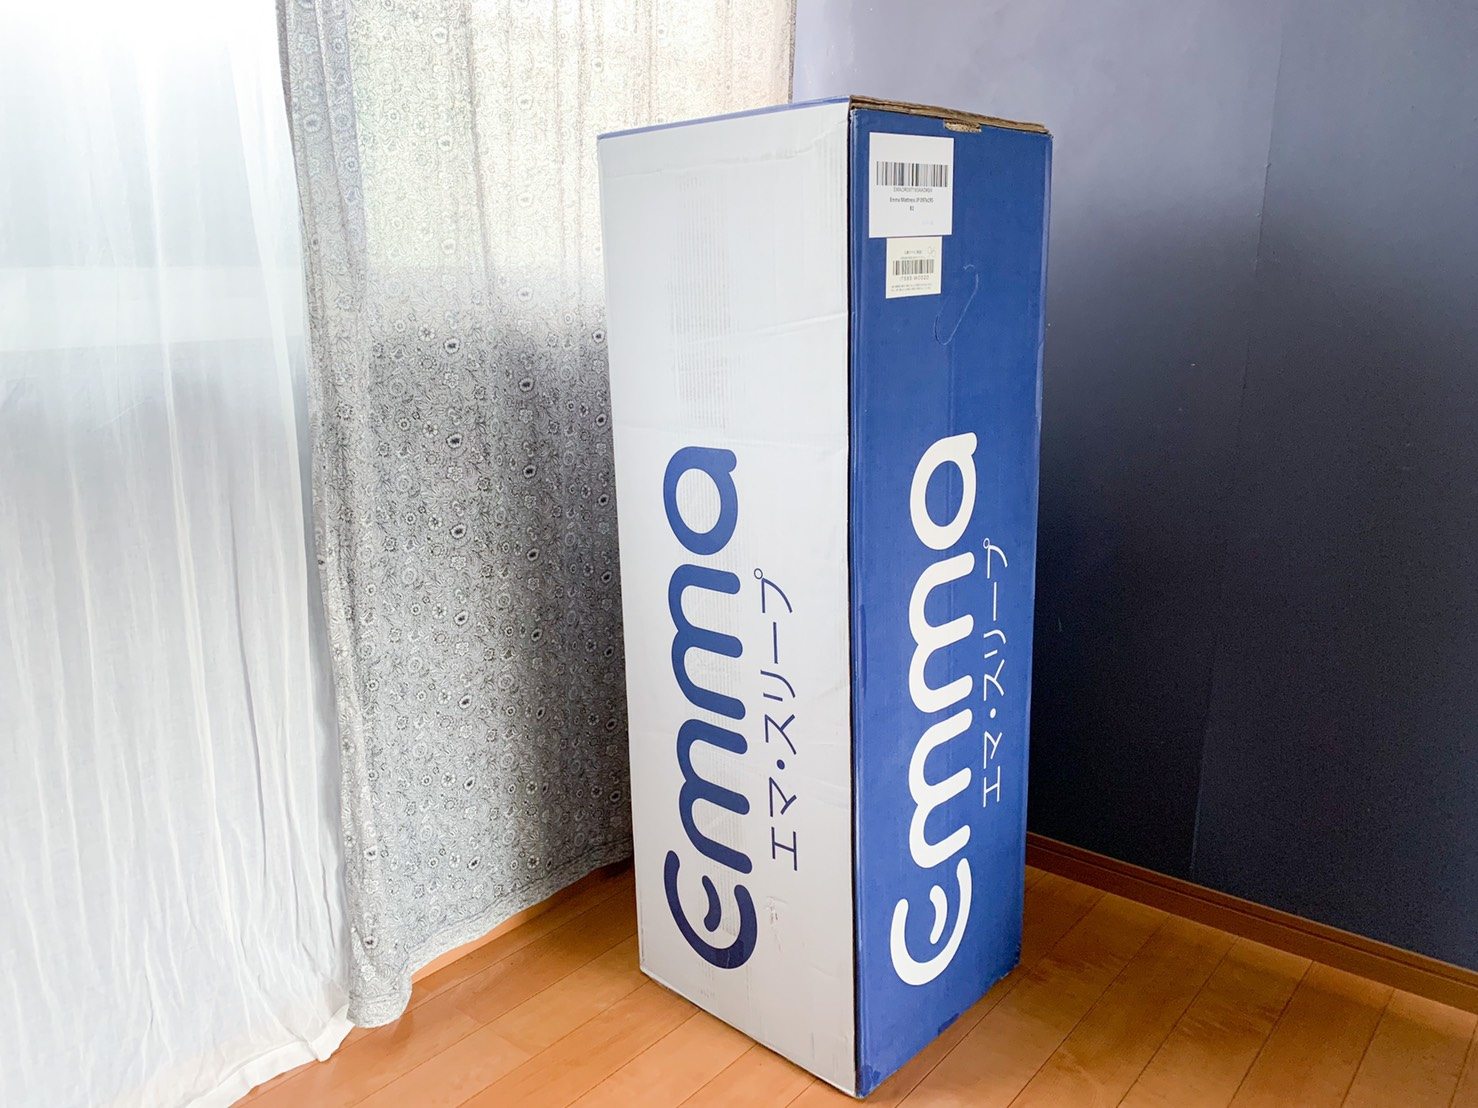 エマ・スリープマットレスを試してわかった特徴5つ_レビュー①梱包状態と設置のしやすさ